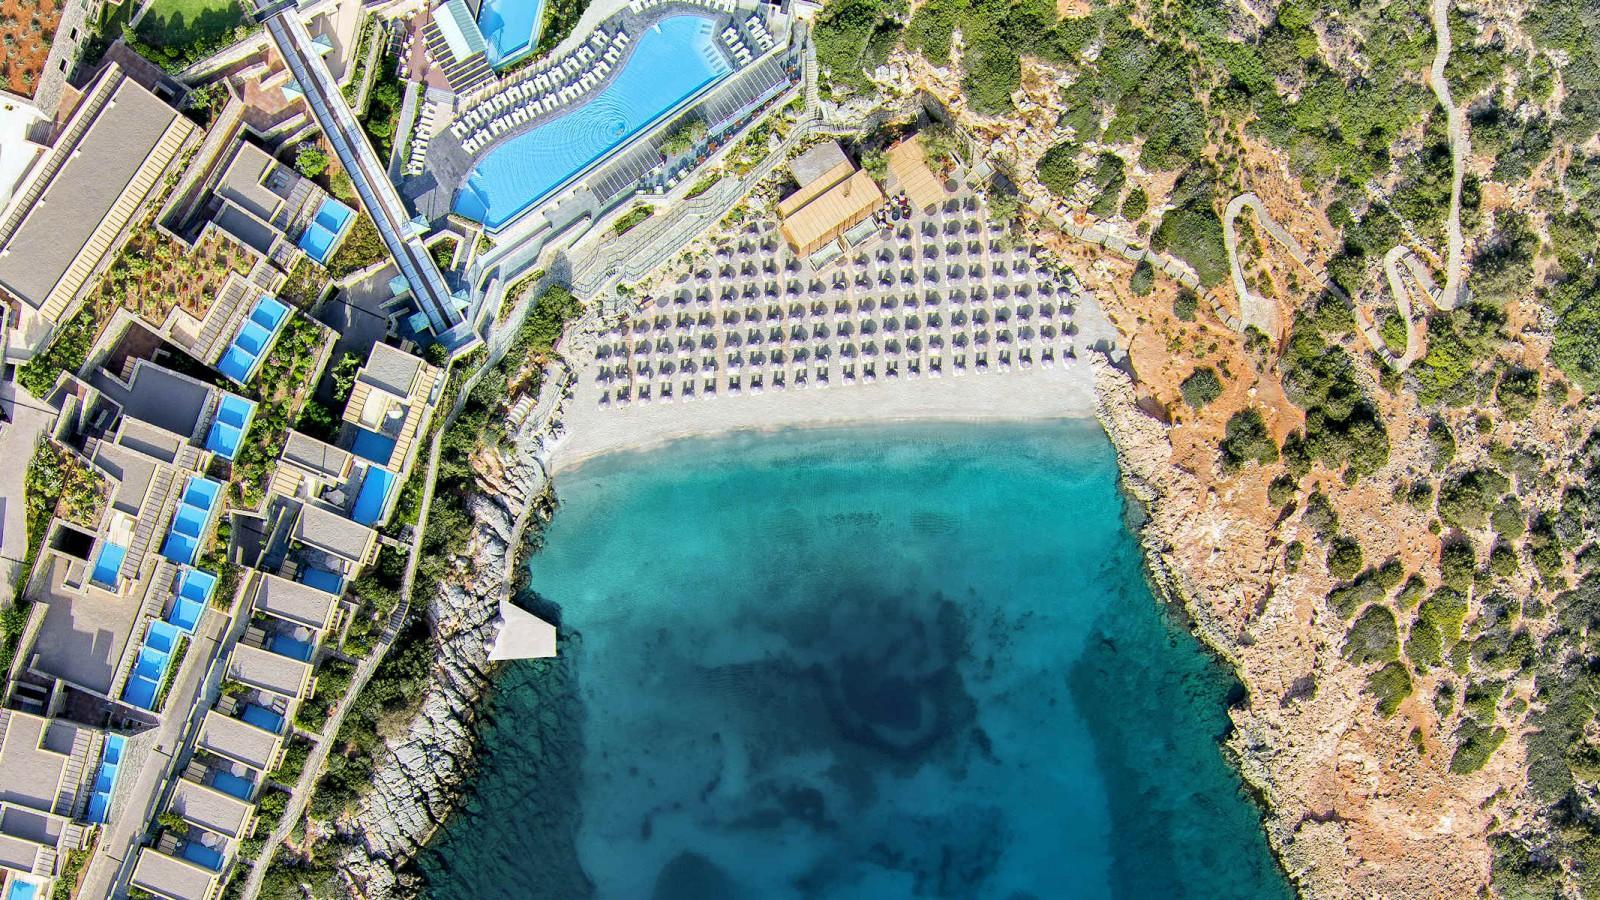 Daios Cove Aerial